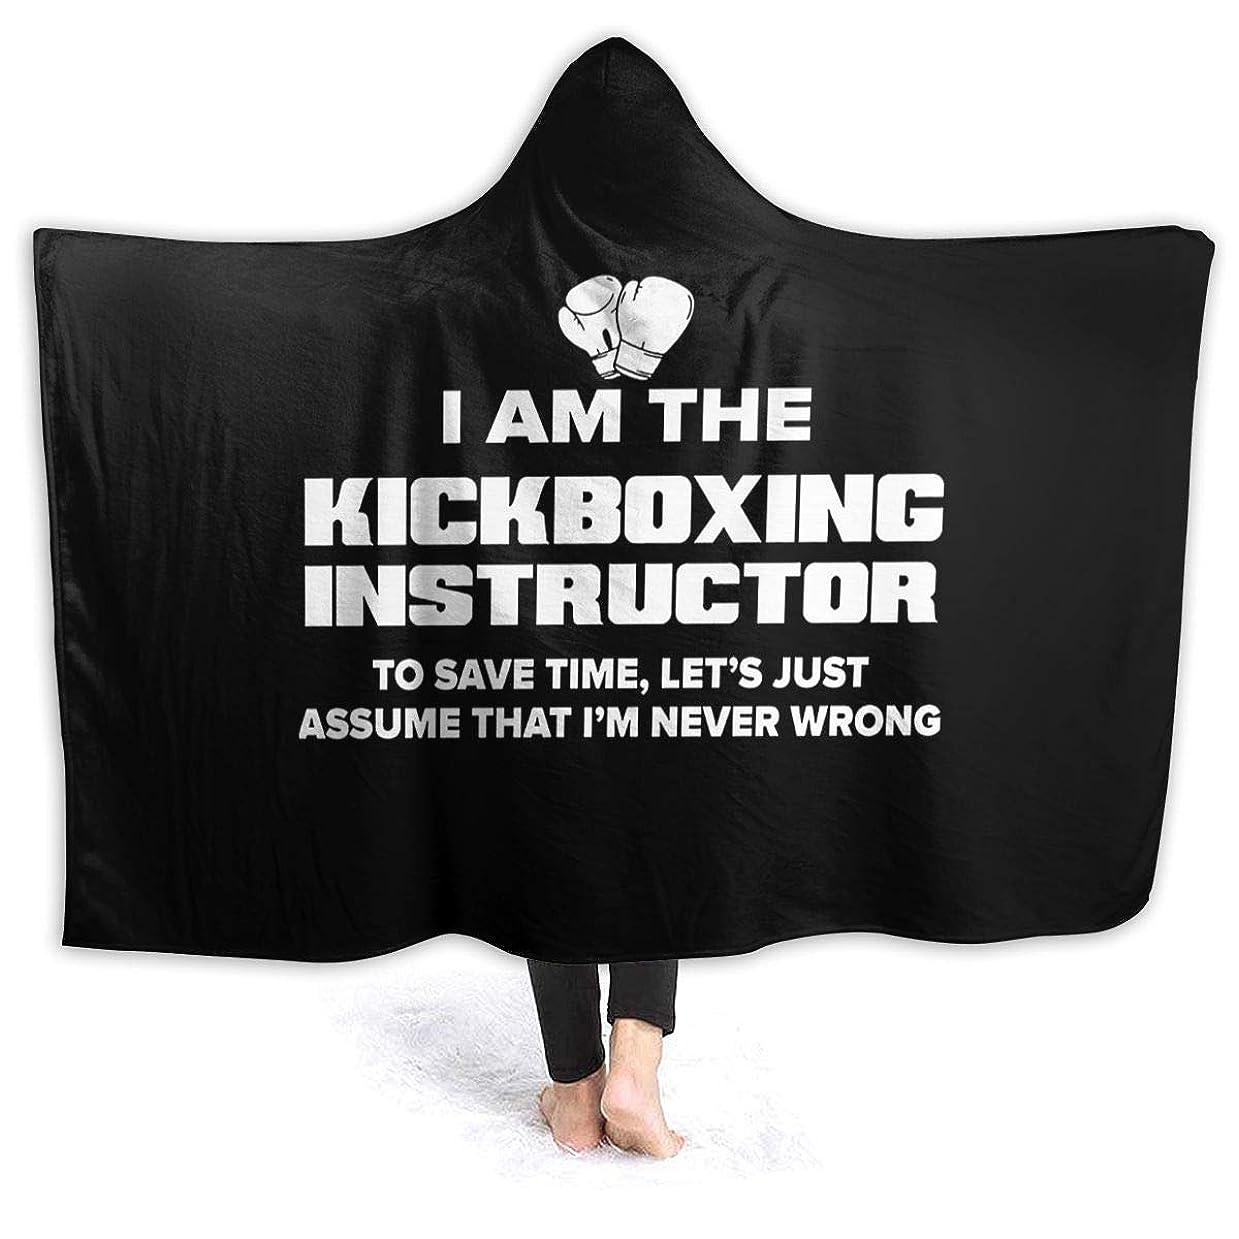 汗巨大なフローHR.LLM 拳闘 グローブ センテンス フード付き毛布 着る毛布 毛布 膝掛け毛布 ラップタオル 冷房/防寒対策 防寒保温 防静電加工 軽量 厚手 大判